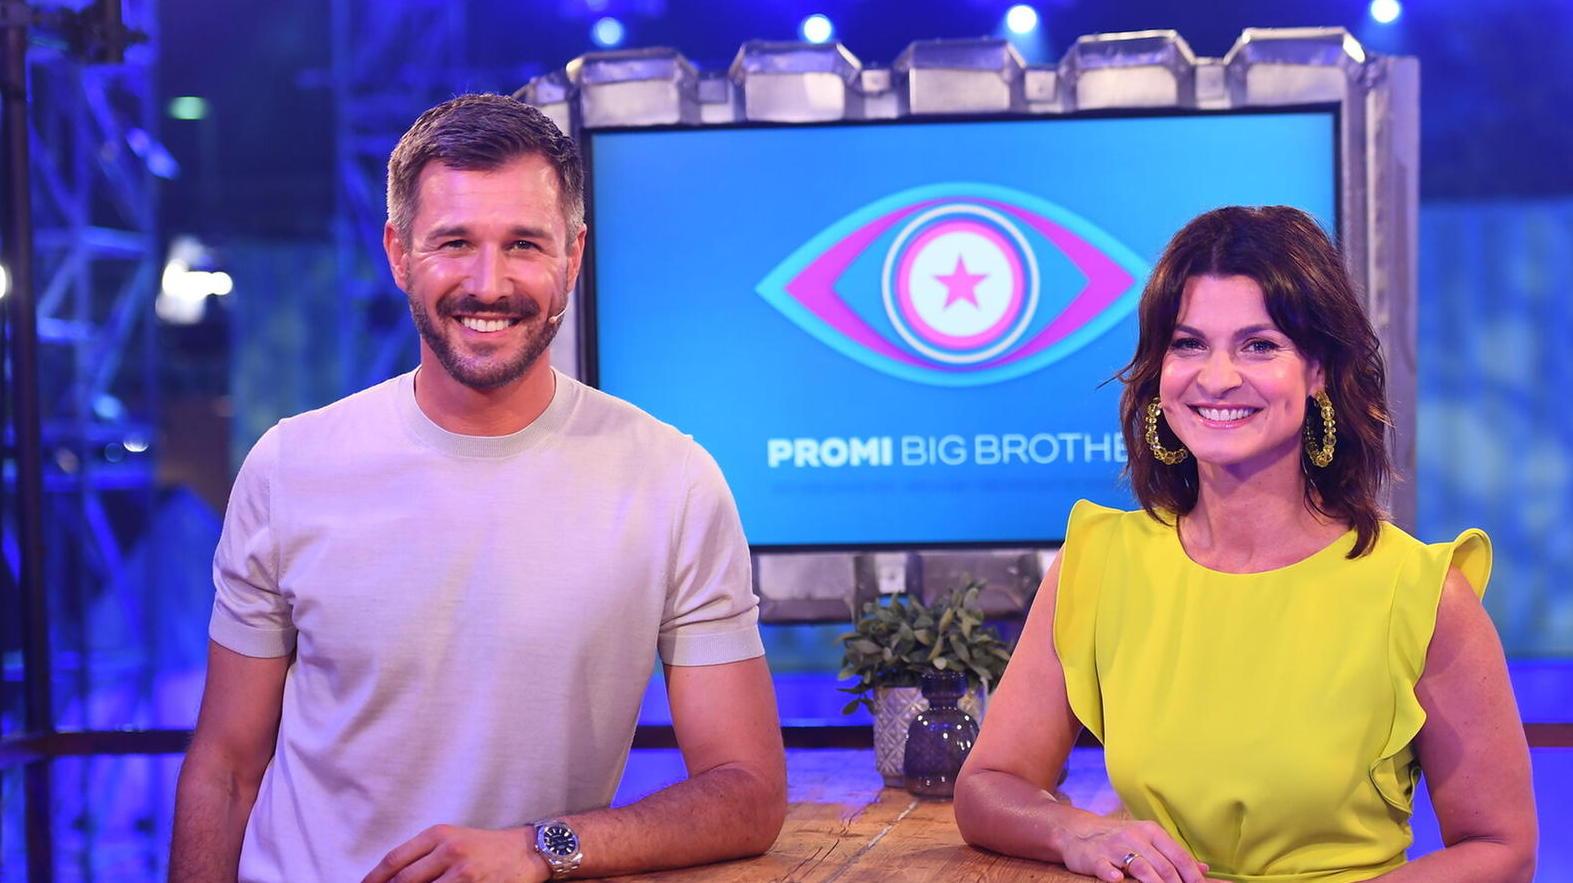 Photo of Prominente Big Brother-Prominente müssen unter Quarantäne gestellt werden, bevor sie hineinkommen können